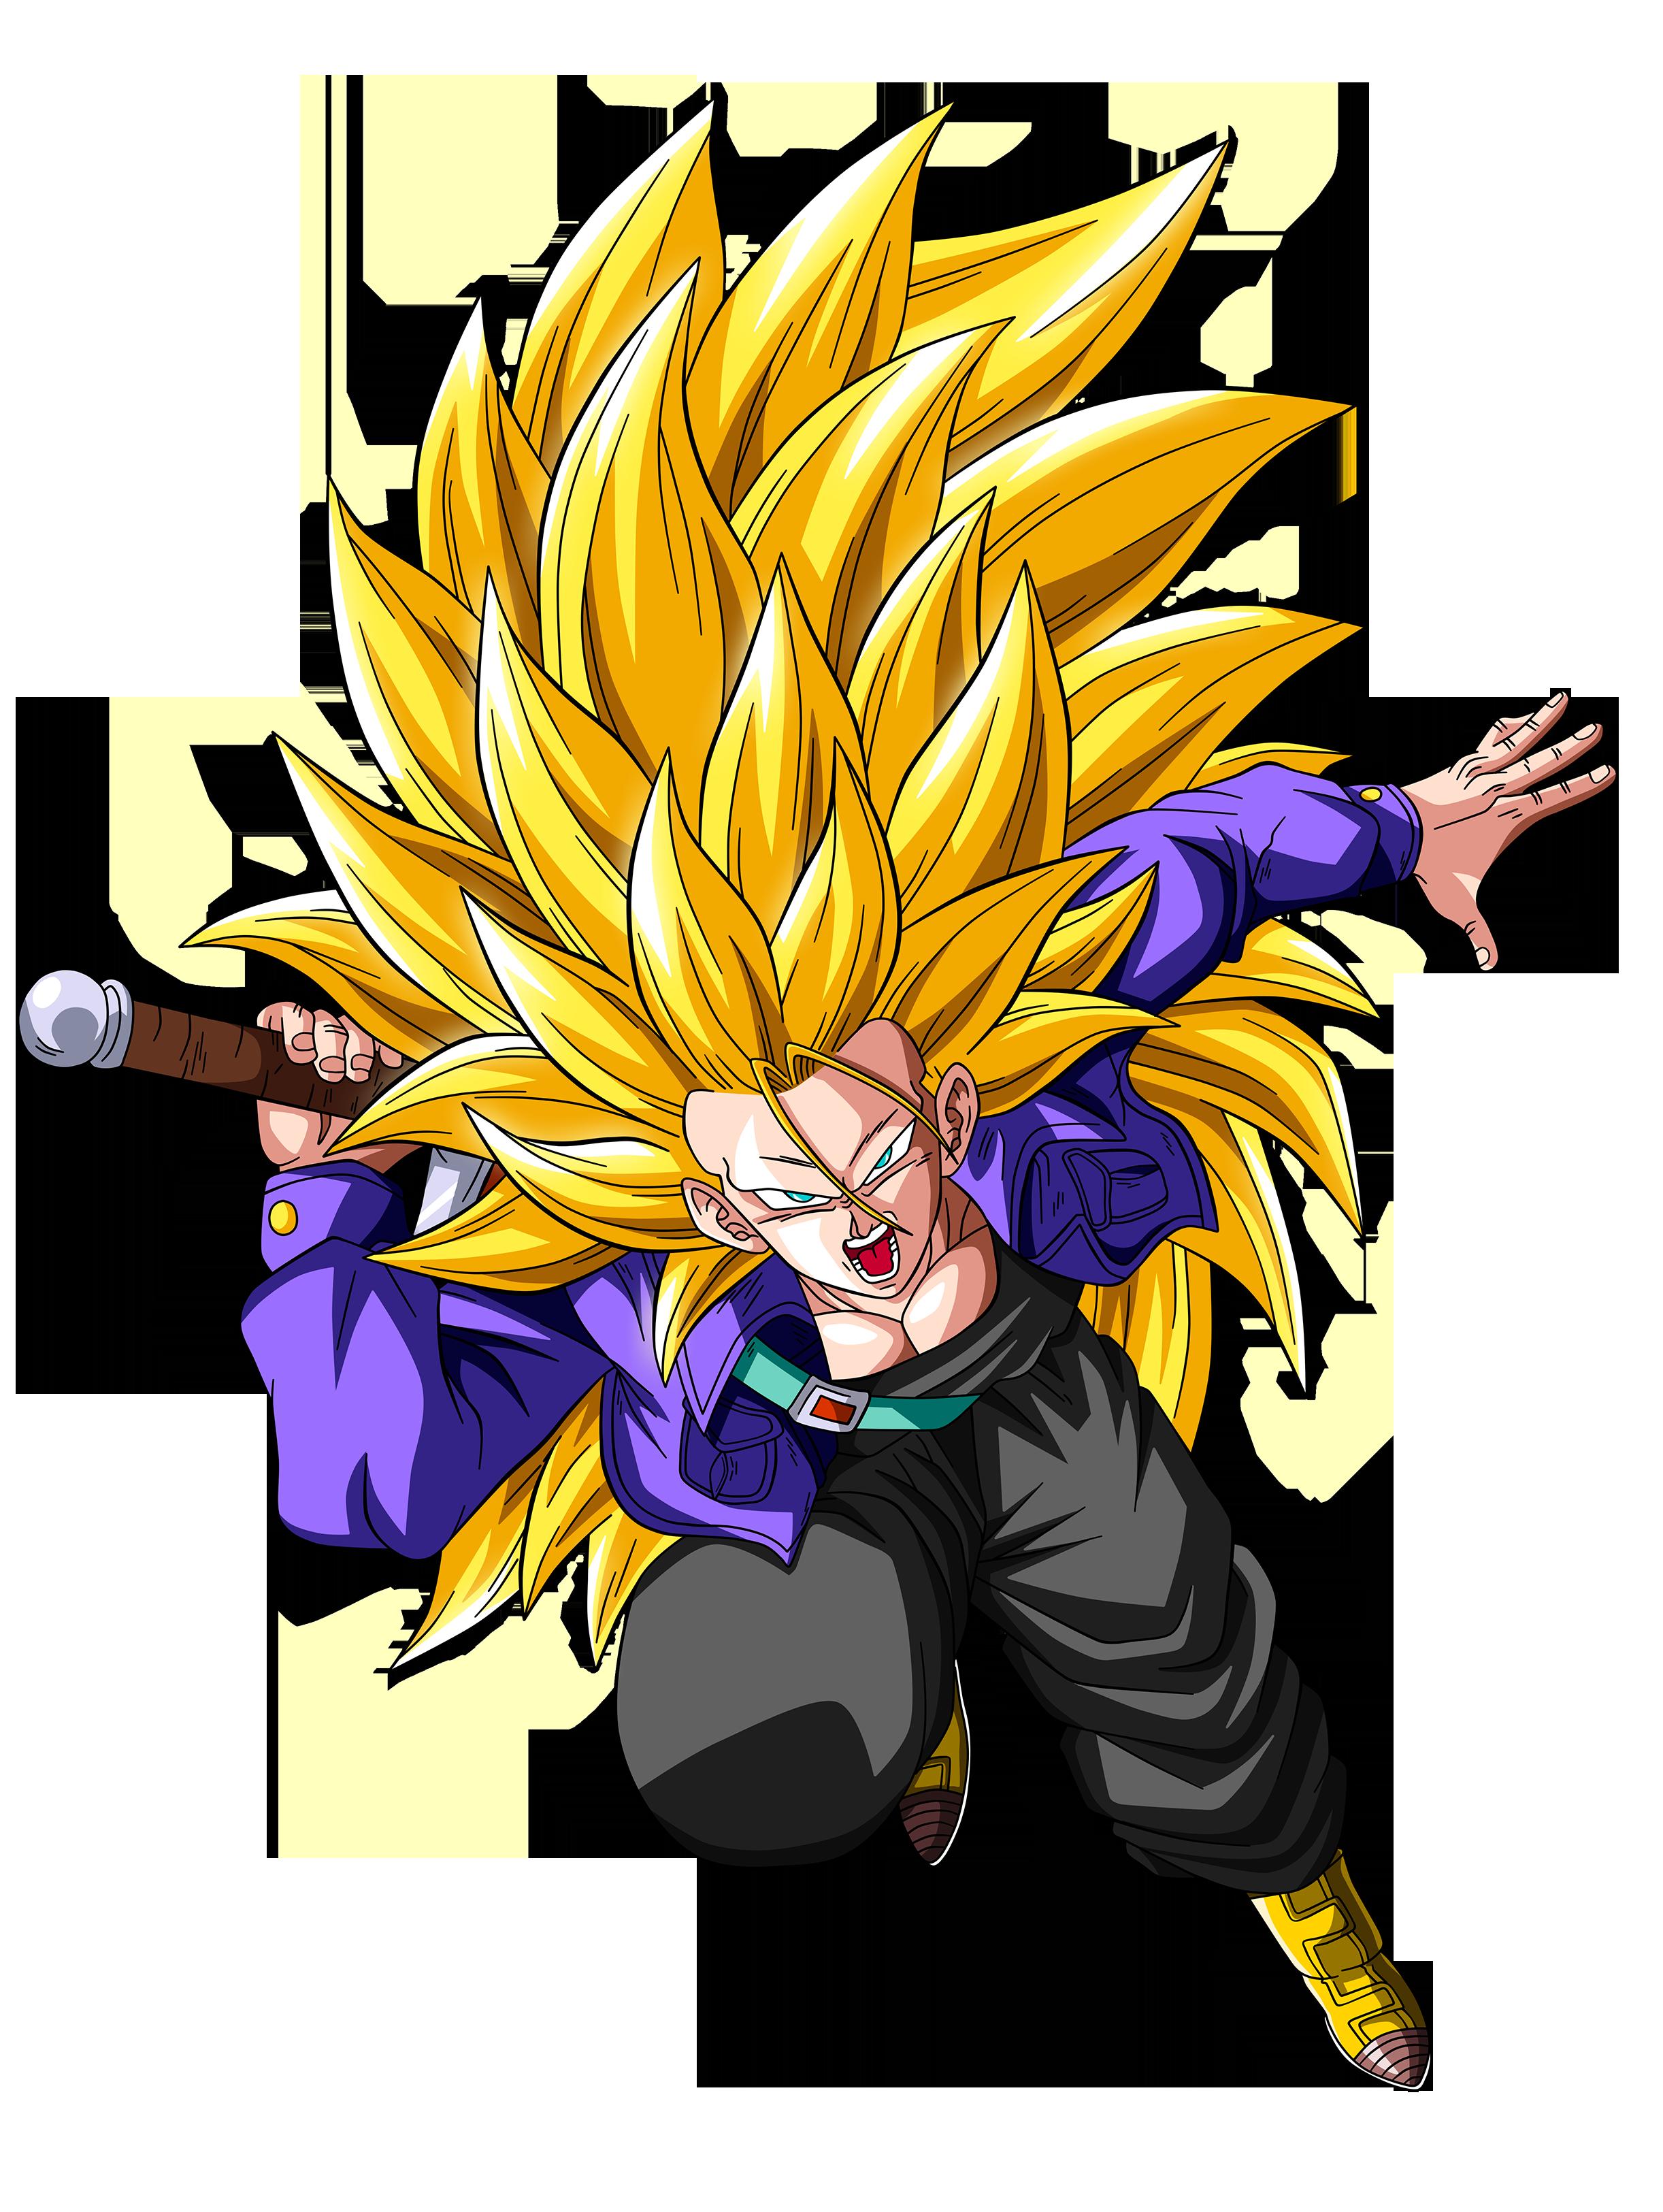 Trunks super saiyan 3 by originalsupersaiyan on deviantart - Trunk super sayen ...